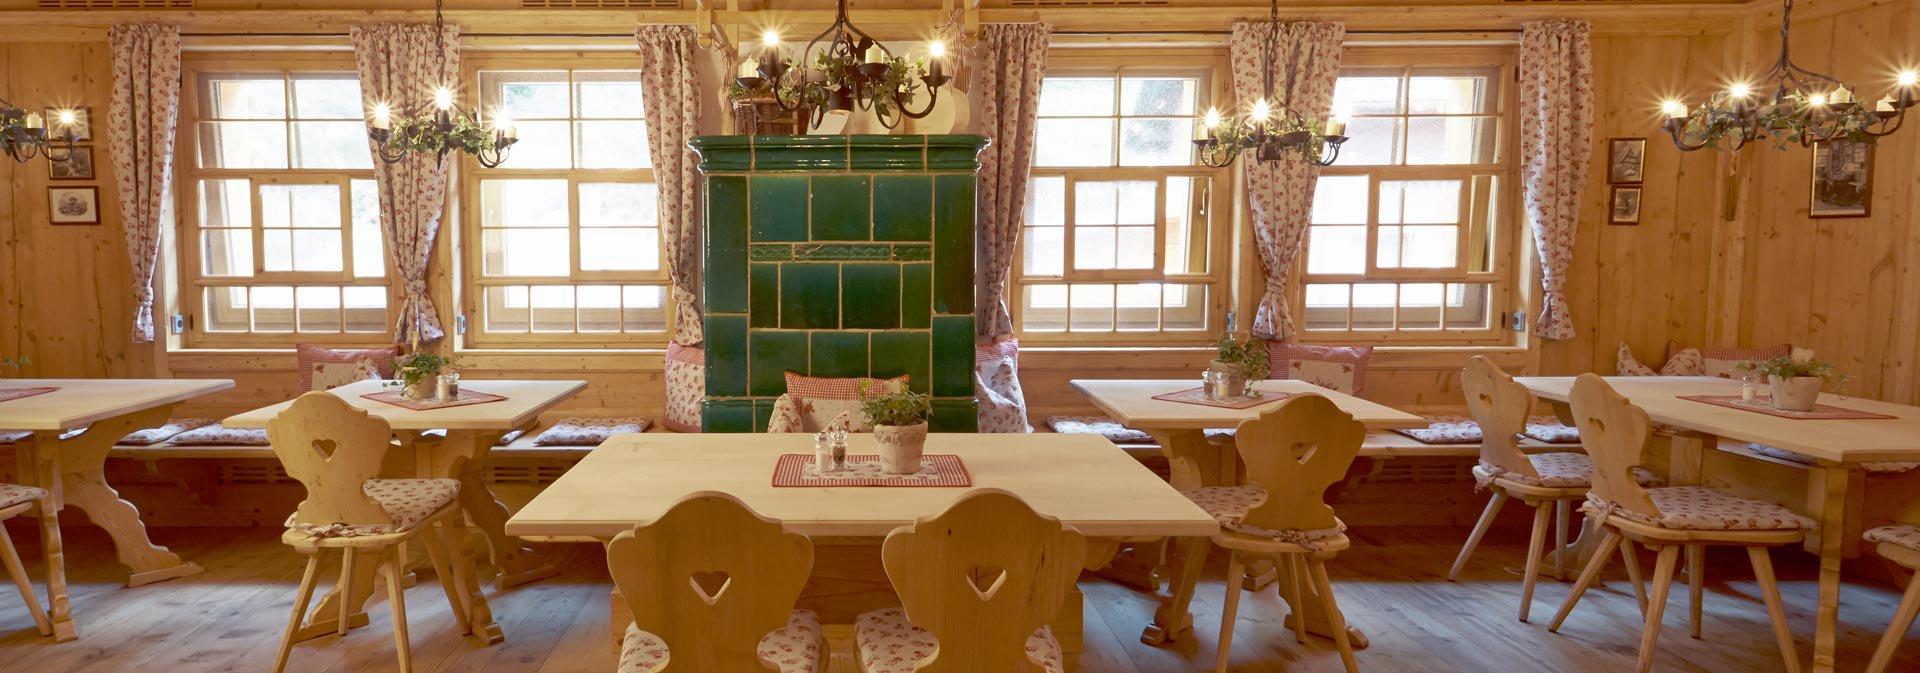 Hotel avec restaurant baiersbronn h tel forsthaus auerhahn - Hotel en foret noire avec piscine ...